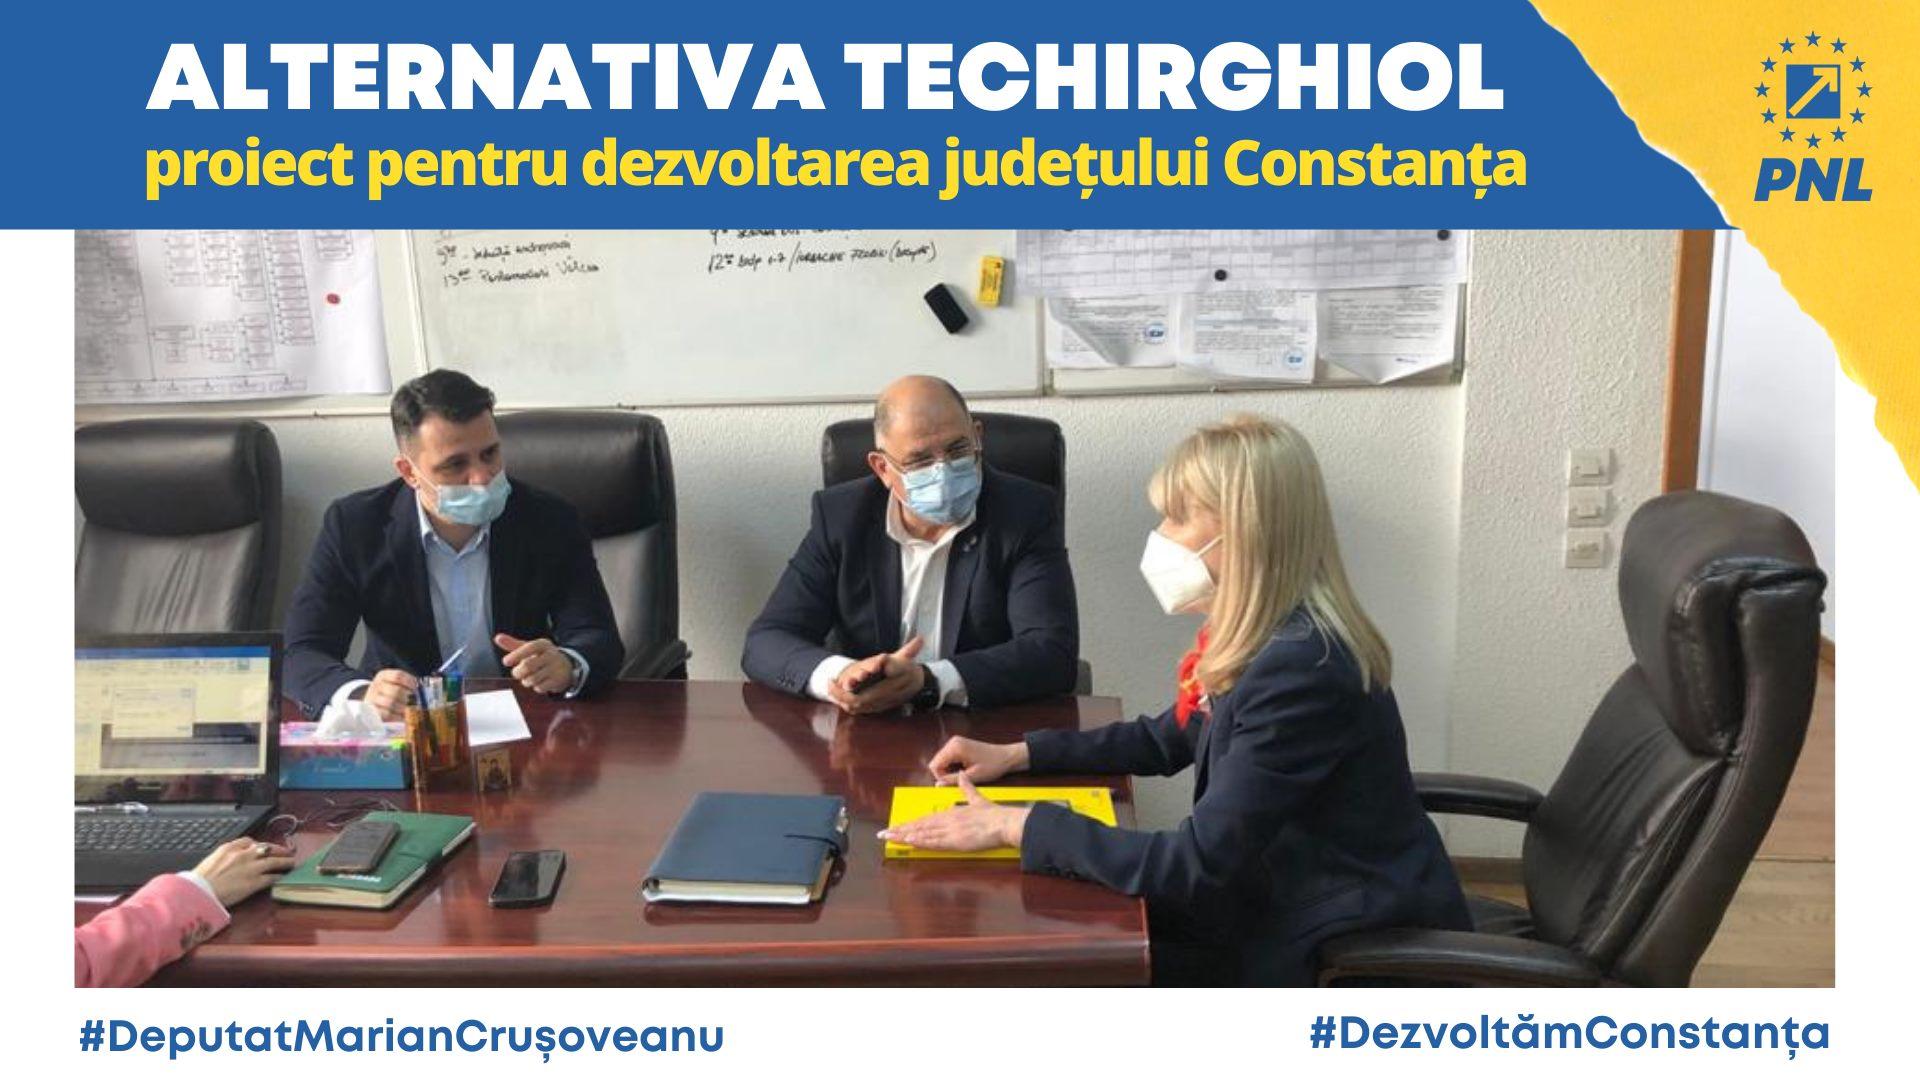 Construirea unui drum nou între municipiul Constanța și sudul litoralului este o promisiune a parlamentarului liberal Marian Crușoveanu, la care lucrează încă dinainte de a deveni deputat. Astăzi a avut o întâlnire cu directorul Companiei Naționale de Administrare a Infrastructurii Rutiere (CNAIR), Mariana Ioniță, în cadrul căreia a pus în discuție mai multe subiecte de interes local și regional, ținând cont că dezvoltarea infrastructurii rutiere este esențială pentru economia și bunăstarea românilor.